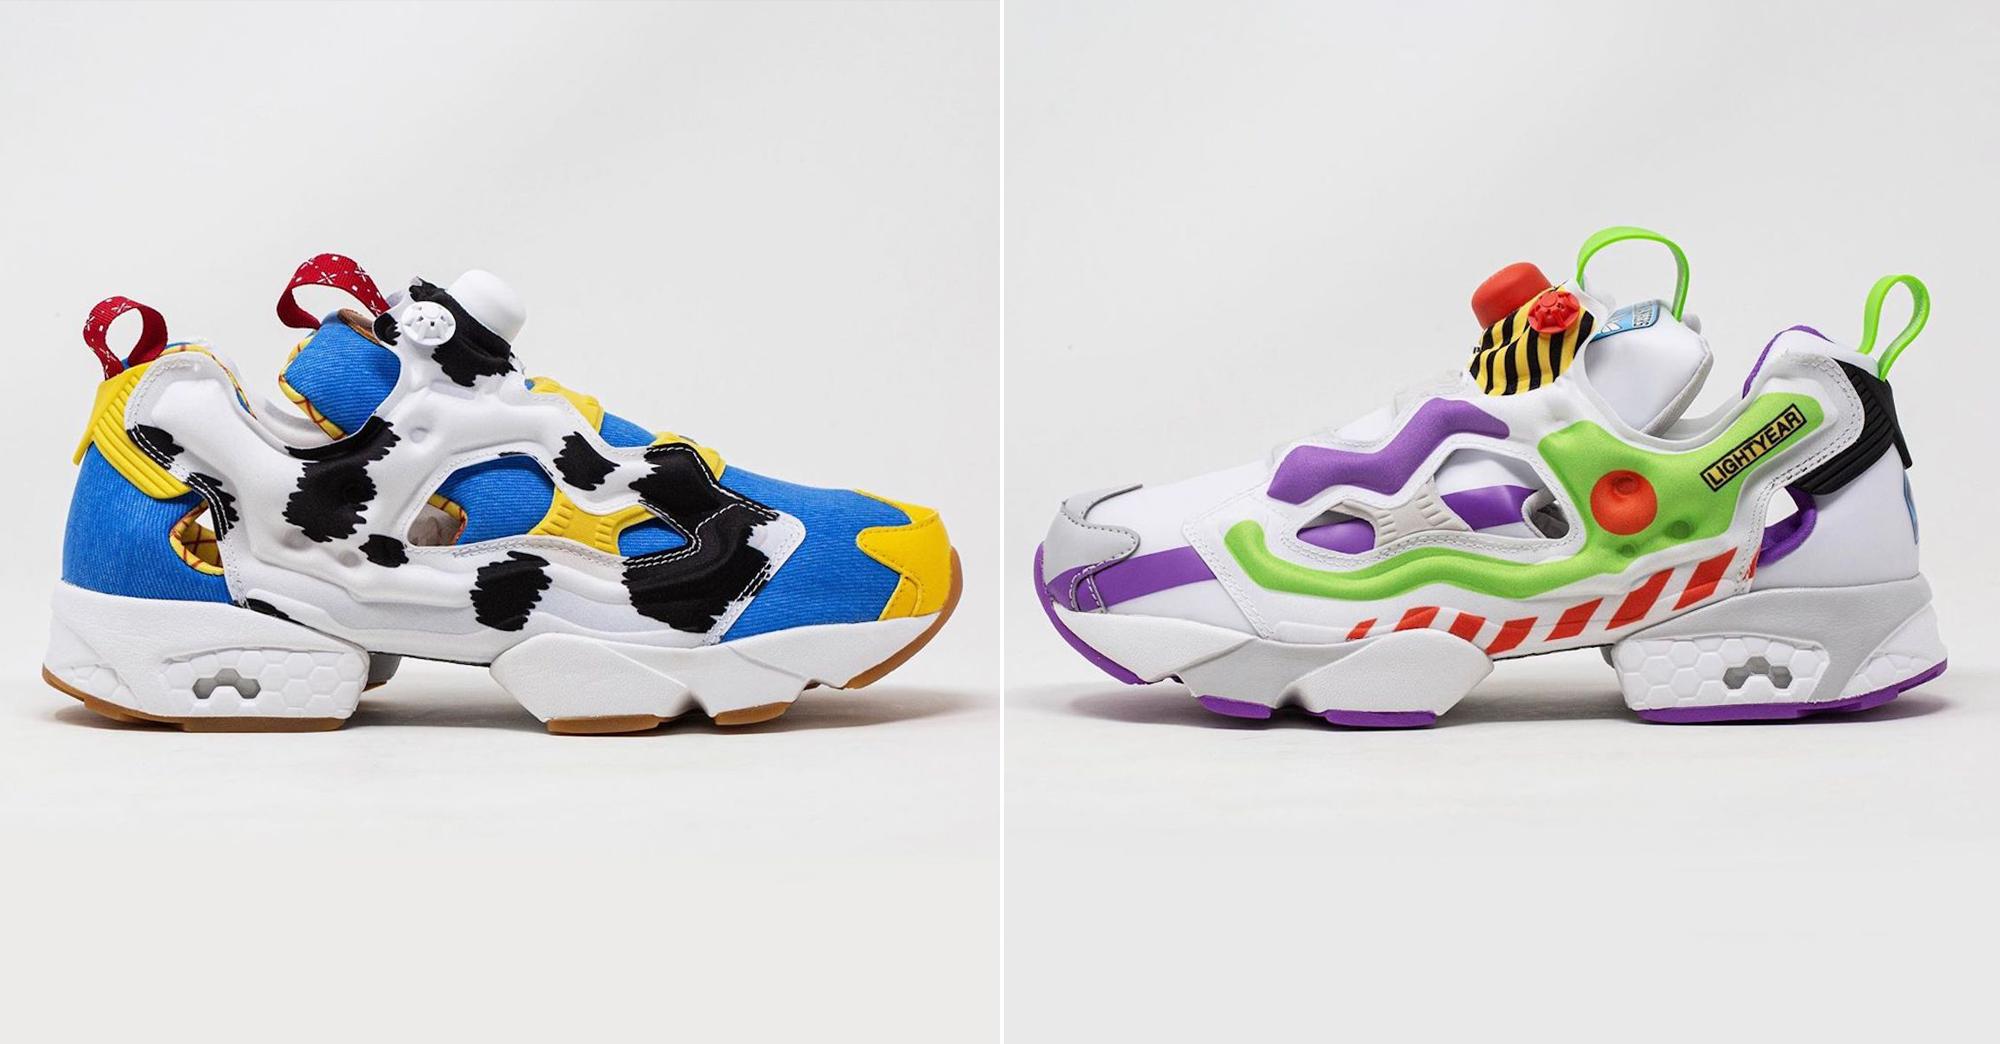 4b100c48a06c Pour la sortie de Toy Story 4, Reebok dévoile des sneakers en hommage à  Woody et Buzz l'Éclair